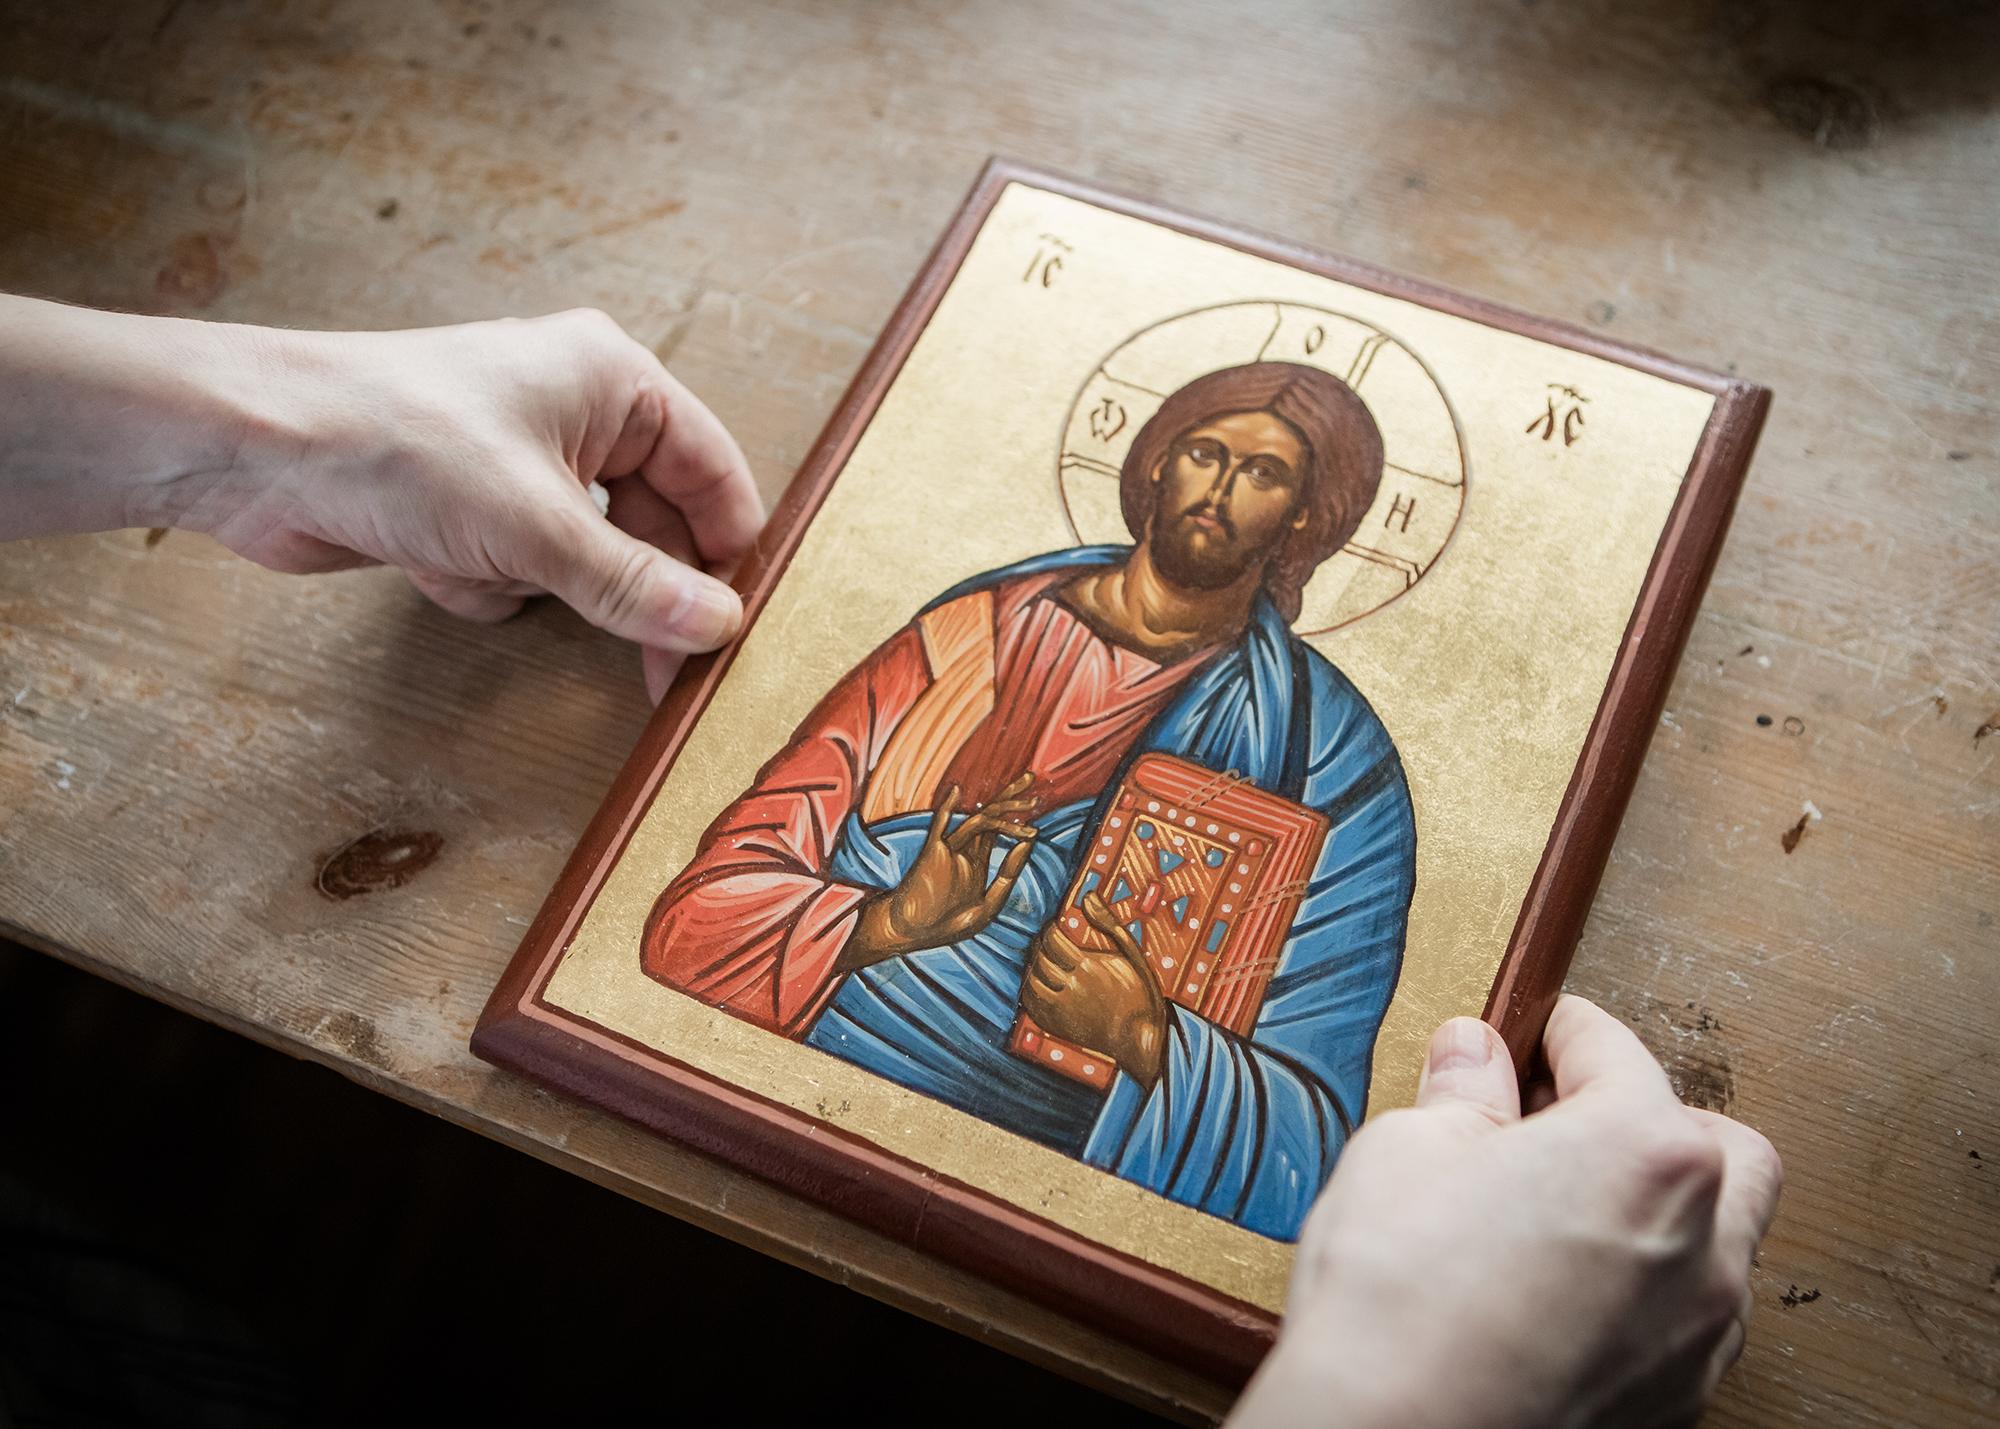 Chrystus Pantokrator z księgą i palcami prawej ręki ułożonymi w monogram ICXC.